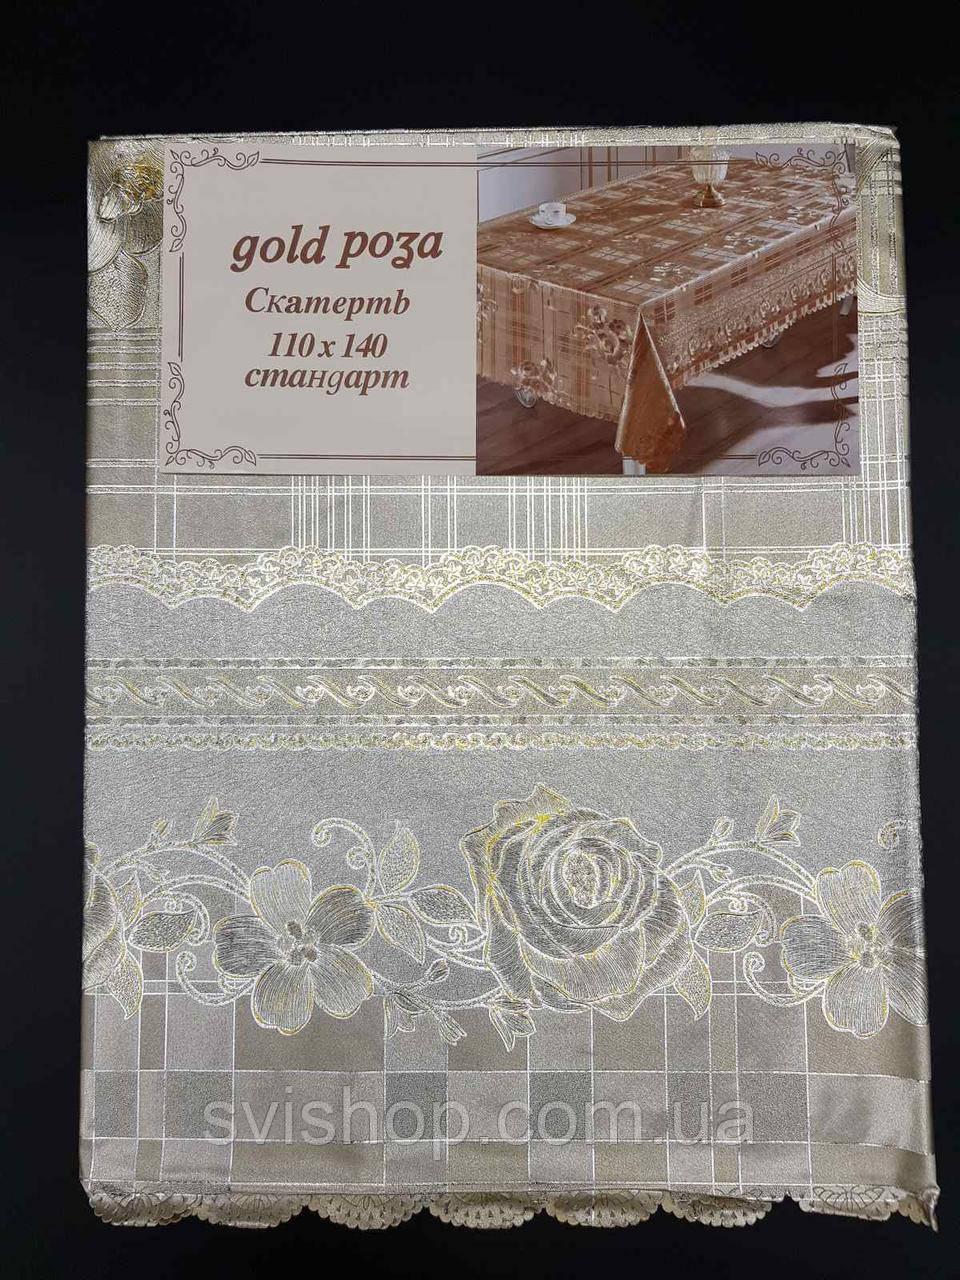 Скатерть для стола золото на тканевой основе 110-140см.